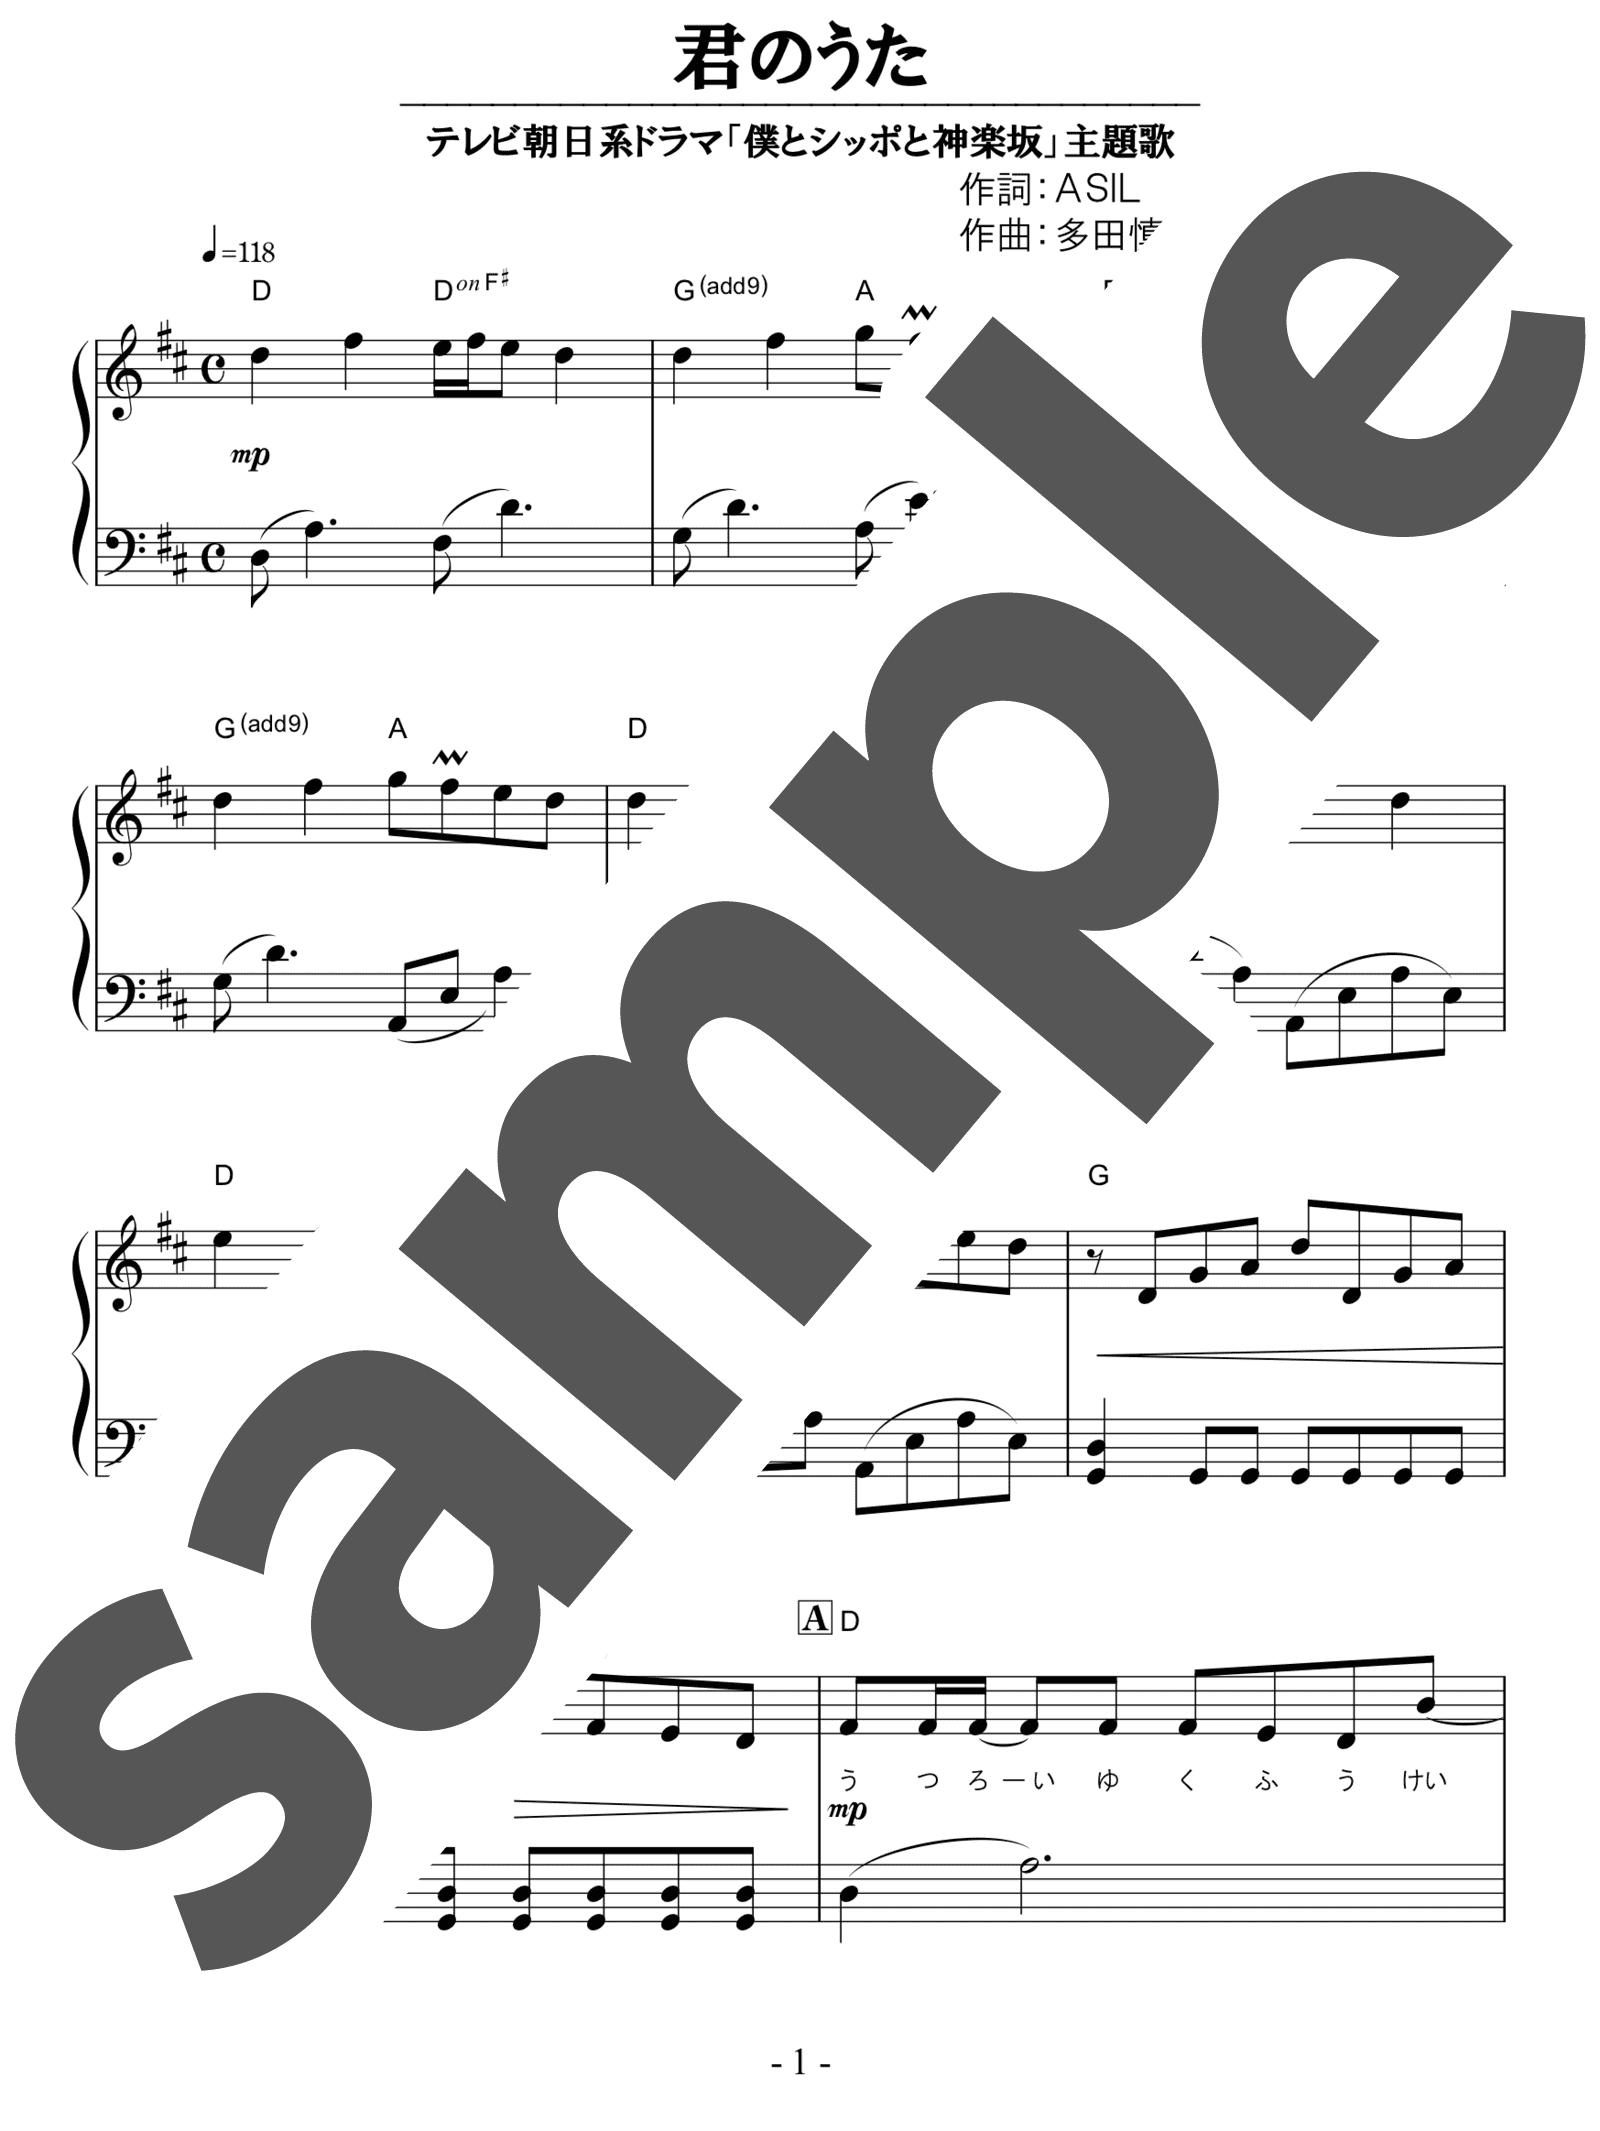 「君のうた」のサンプル楽譜